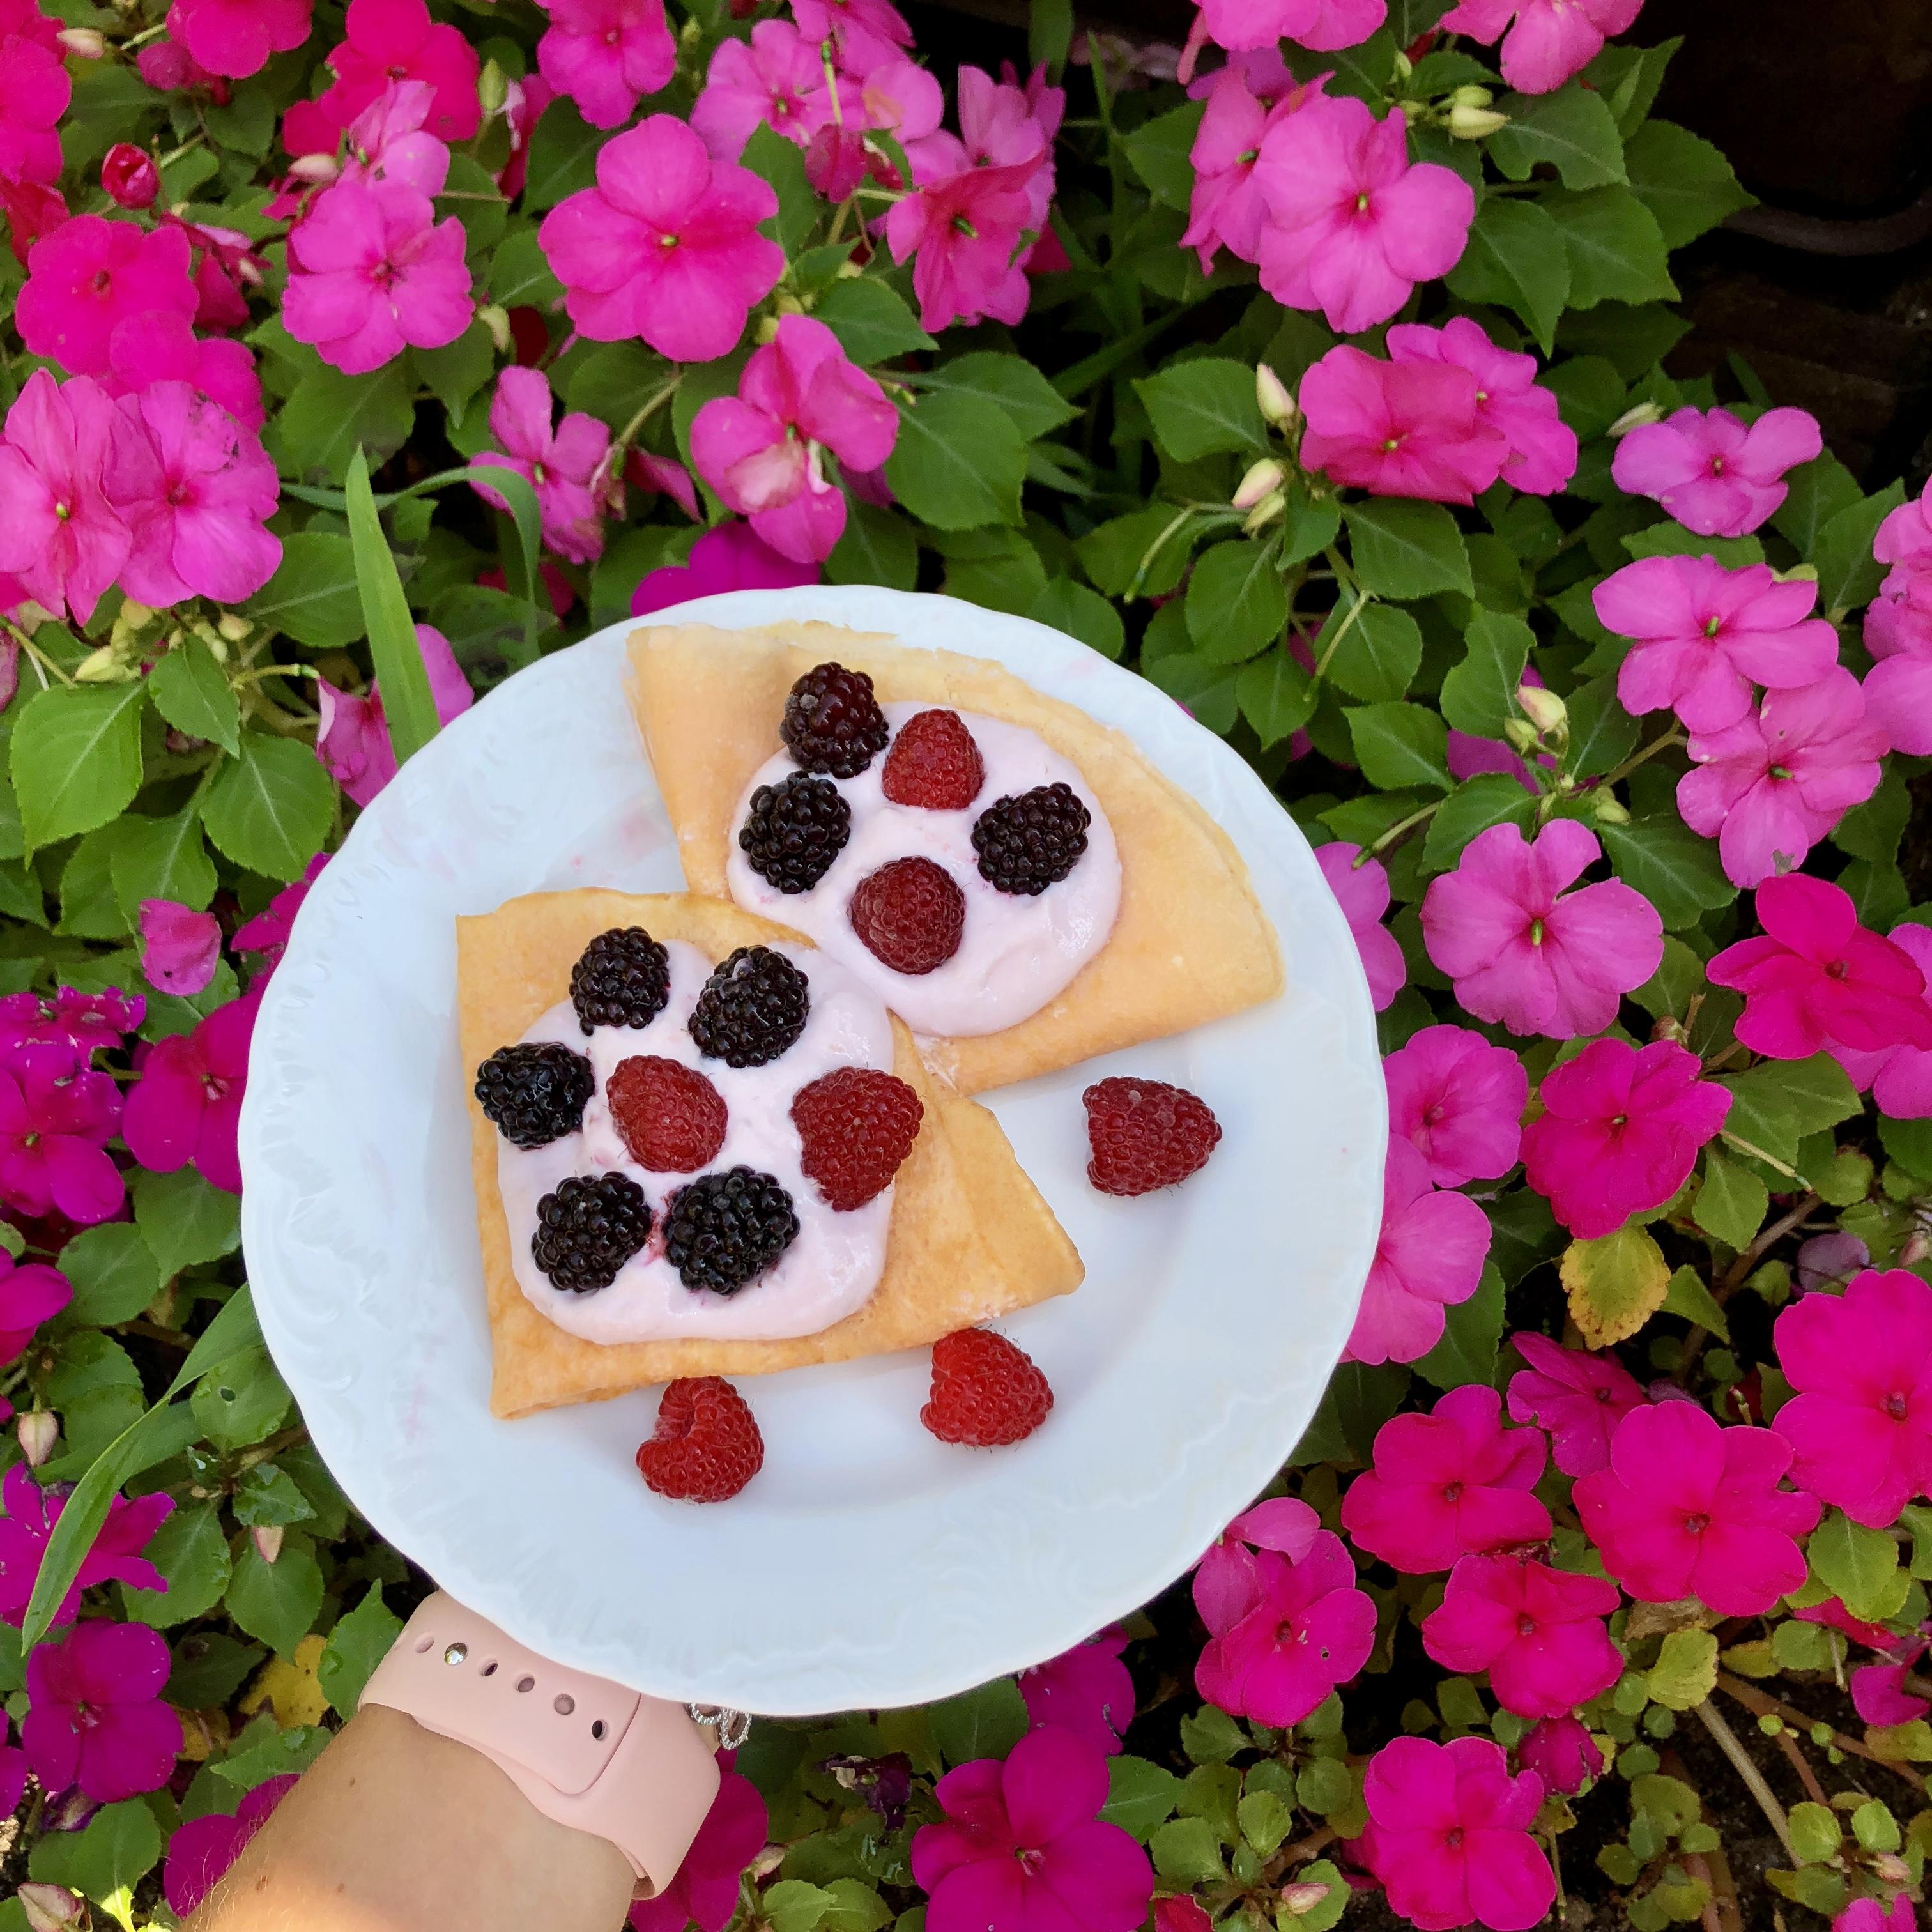 Ania Baczewska on Instagram: ?#yummy ? #nale?nikibudyniowe #nale?niki #nalesnikibudyniowe #pancakes #fitpancakes #aftertraining #posi?ekpotreningowy #posilekpotreningowy??